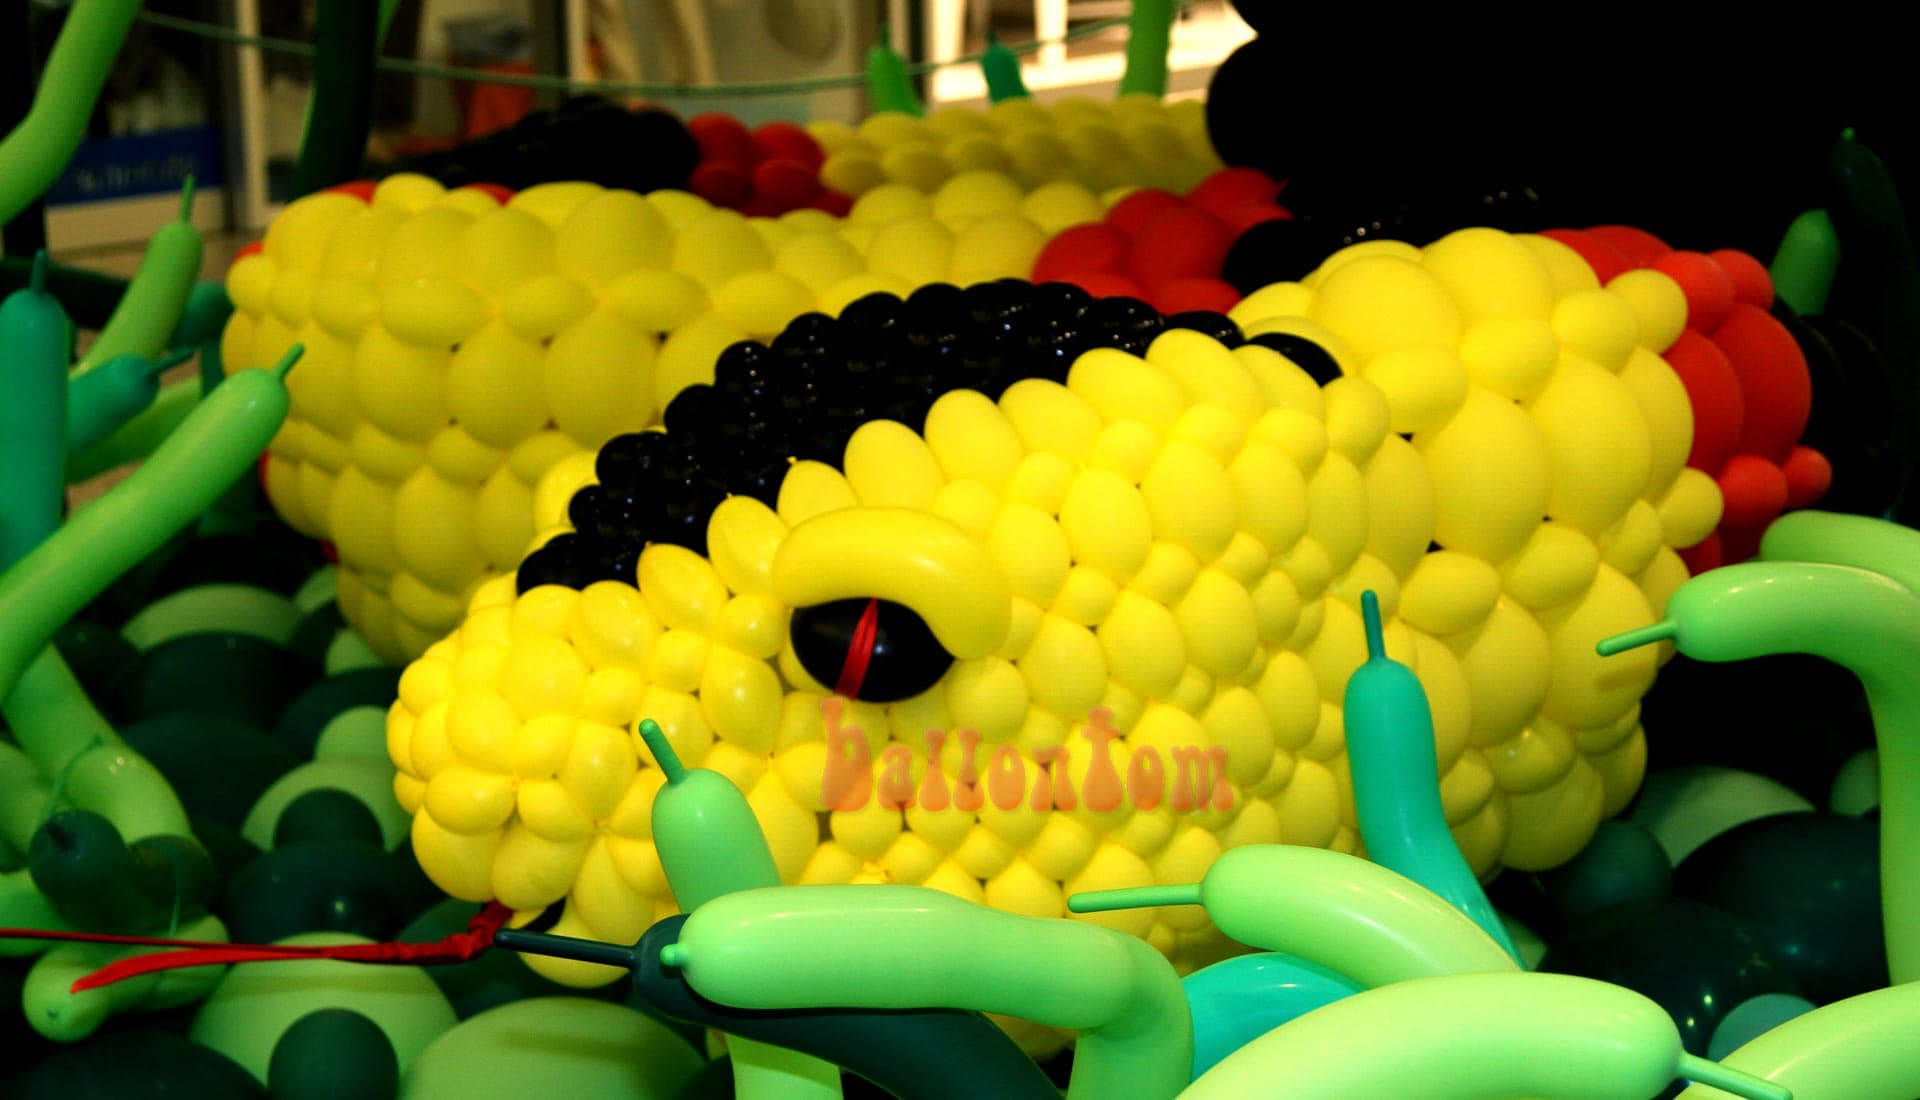 Ballonwelt im Rathauscenter Pankow in Berlin - Moto: Auf Safarie in Pankow - Bild: Schlange